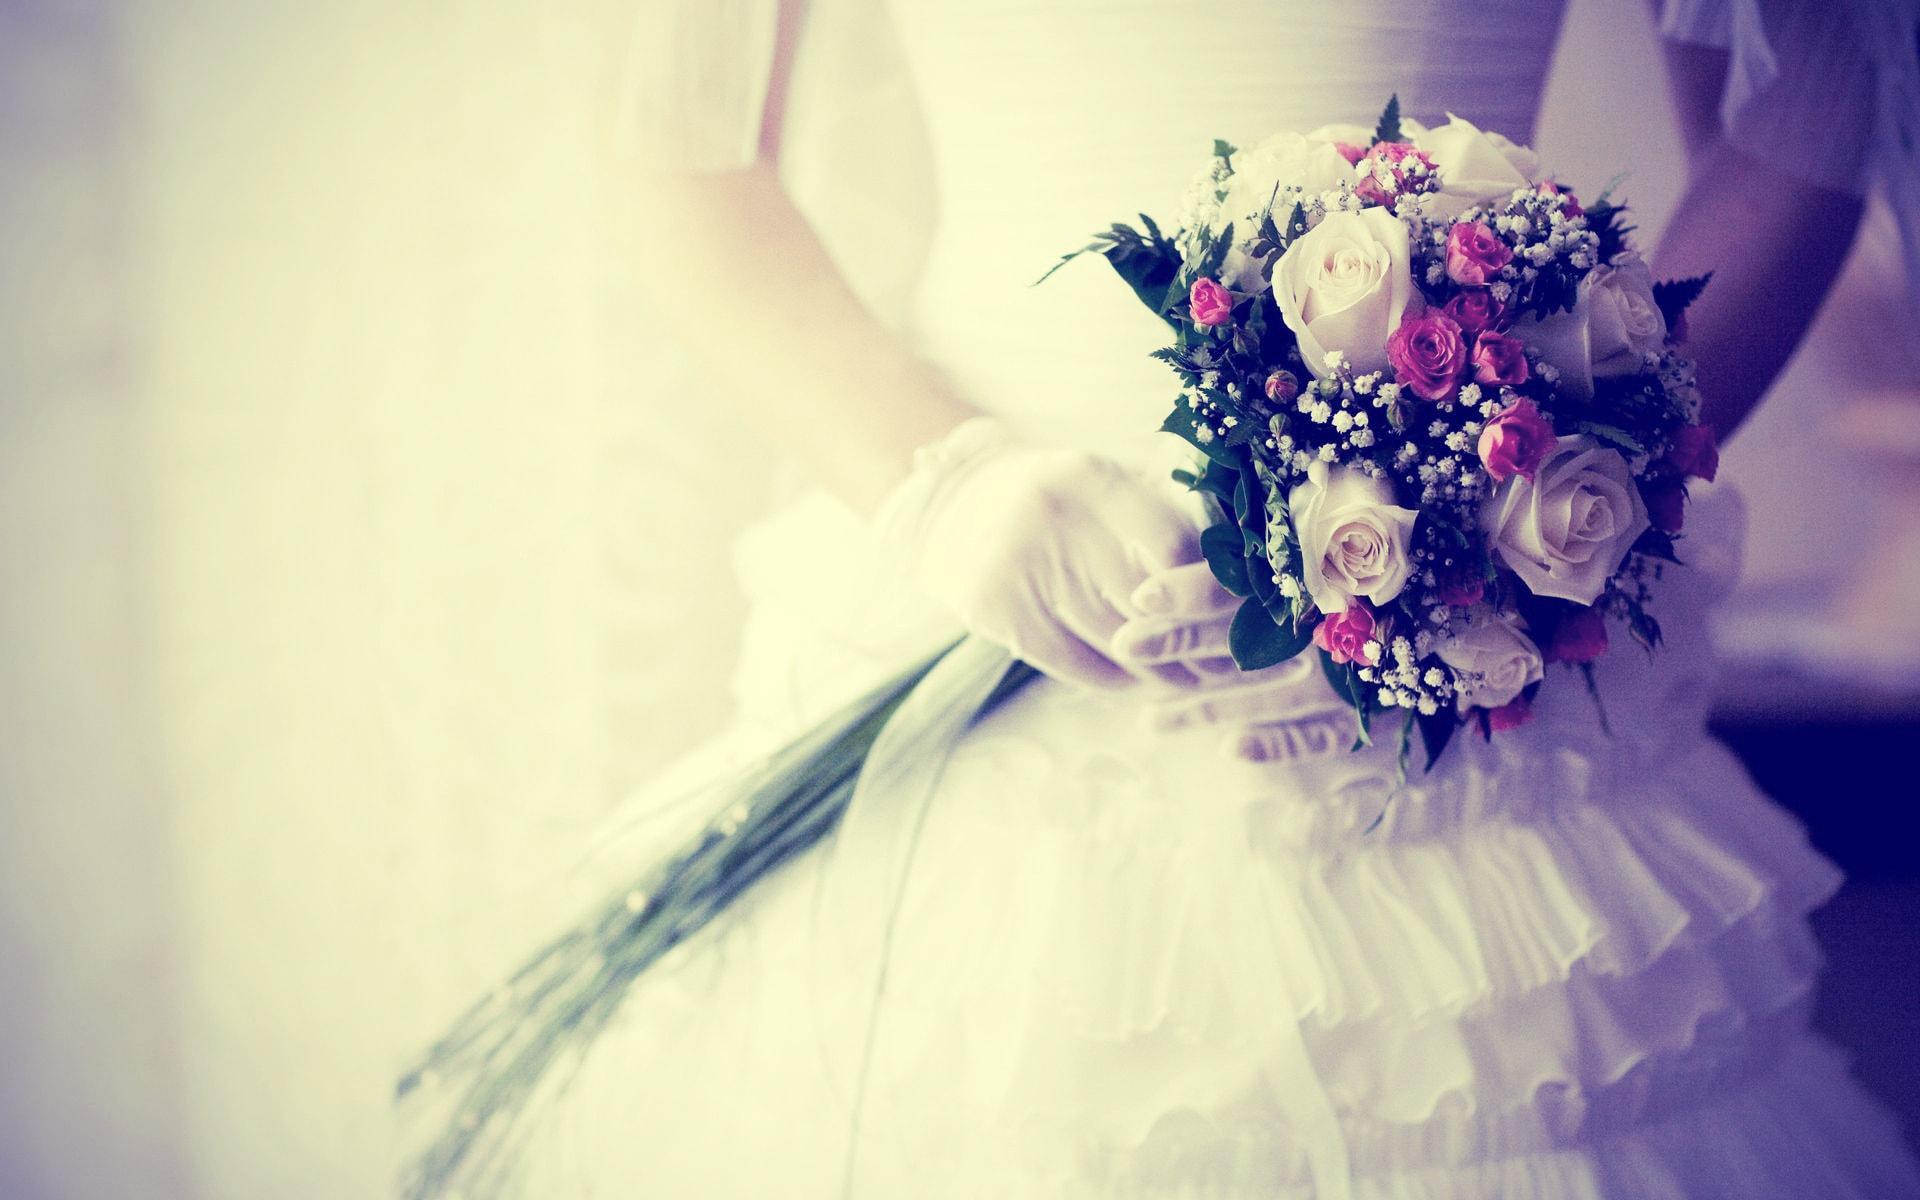 مزون لباس عروس پرنیا کرج